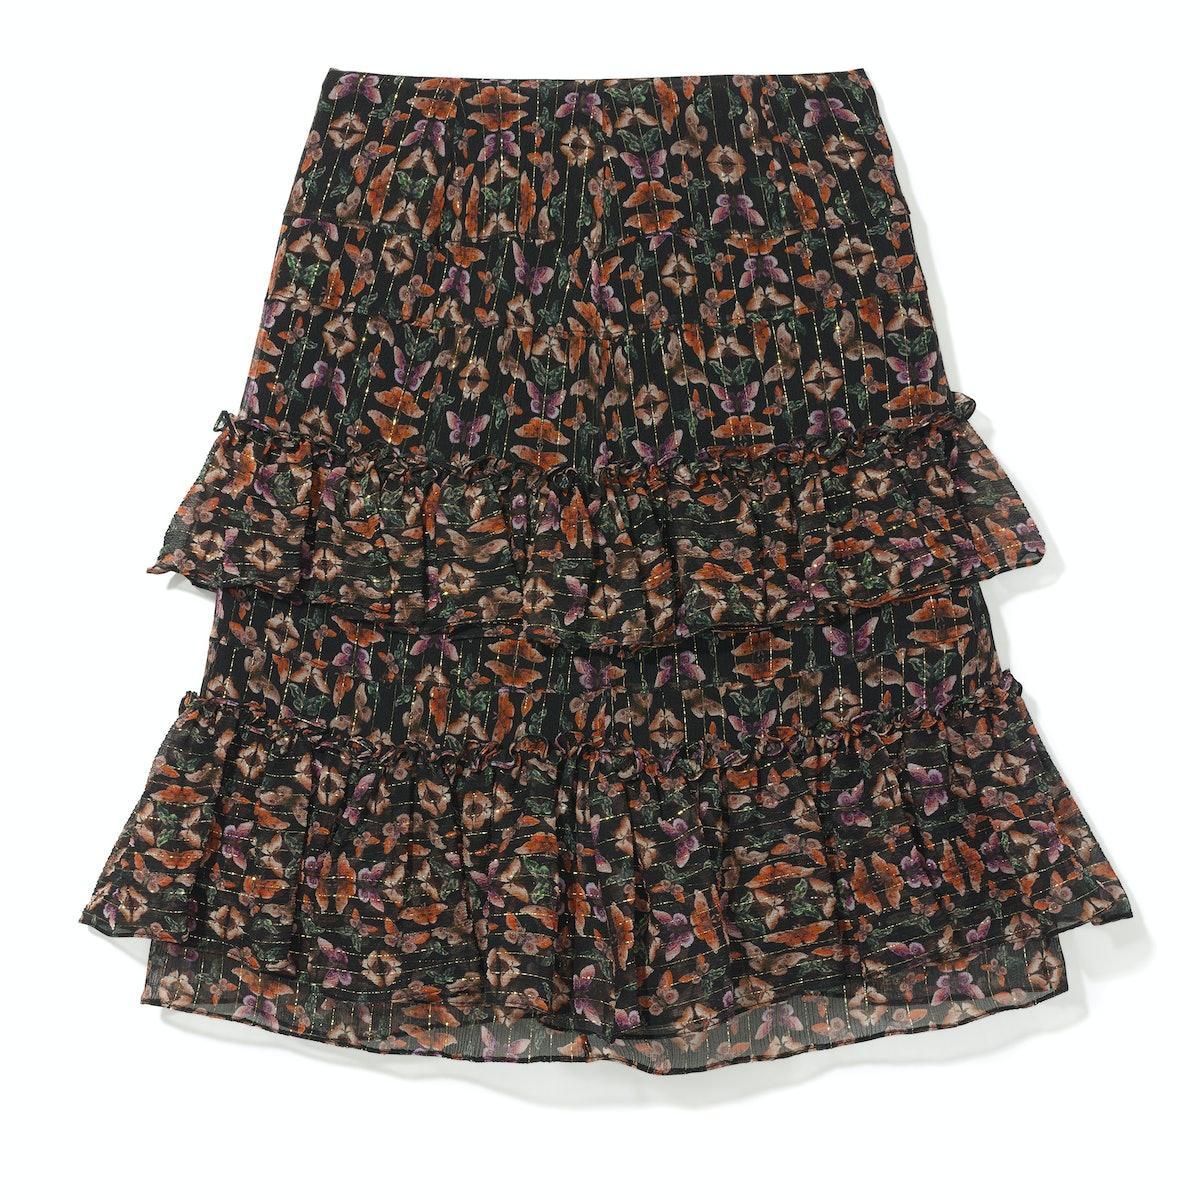 Rebecca Minkoff skirt